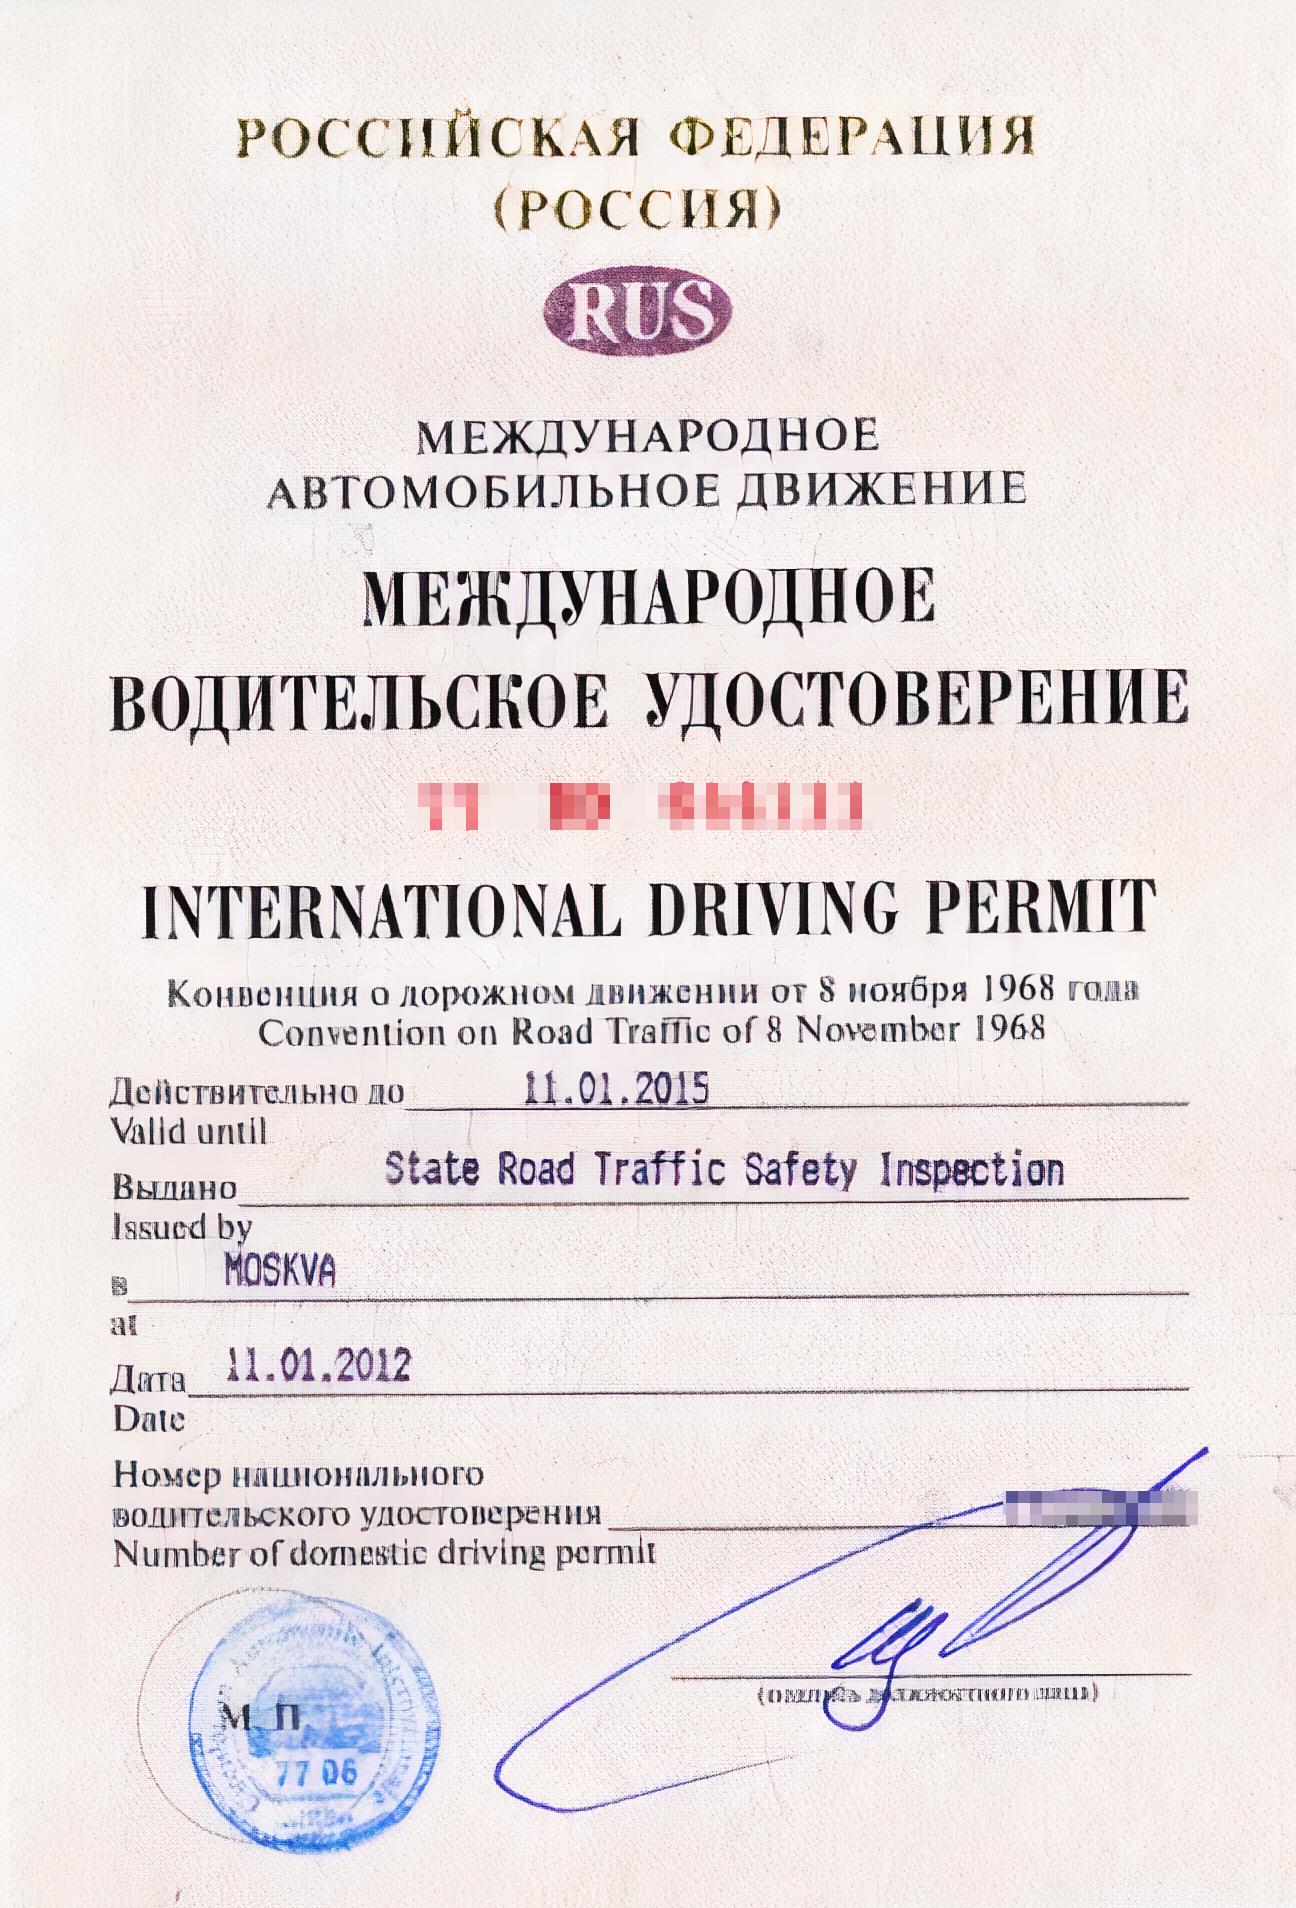 На лицевой странице первого листа обложки — дата выдачи, срок действия, место выдачи, номер национального водительского удостоверения, печать и подпись сотрудника ГИБДД